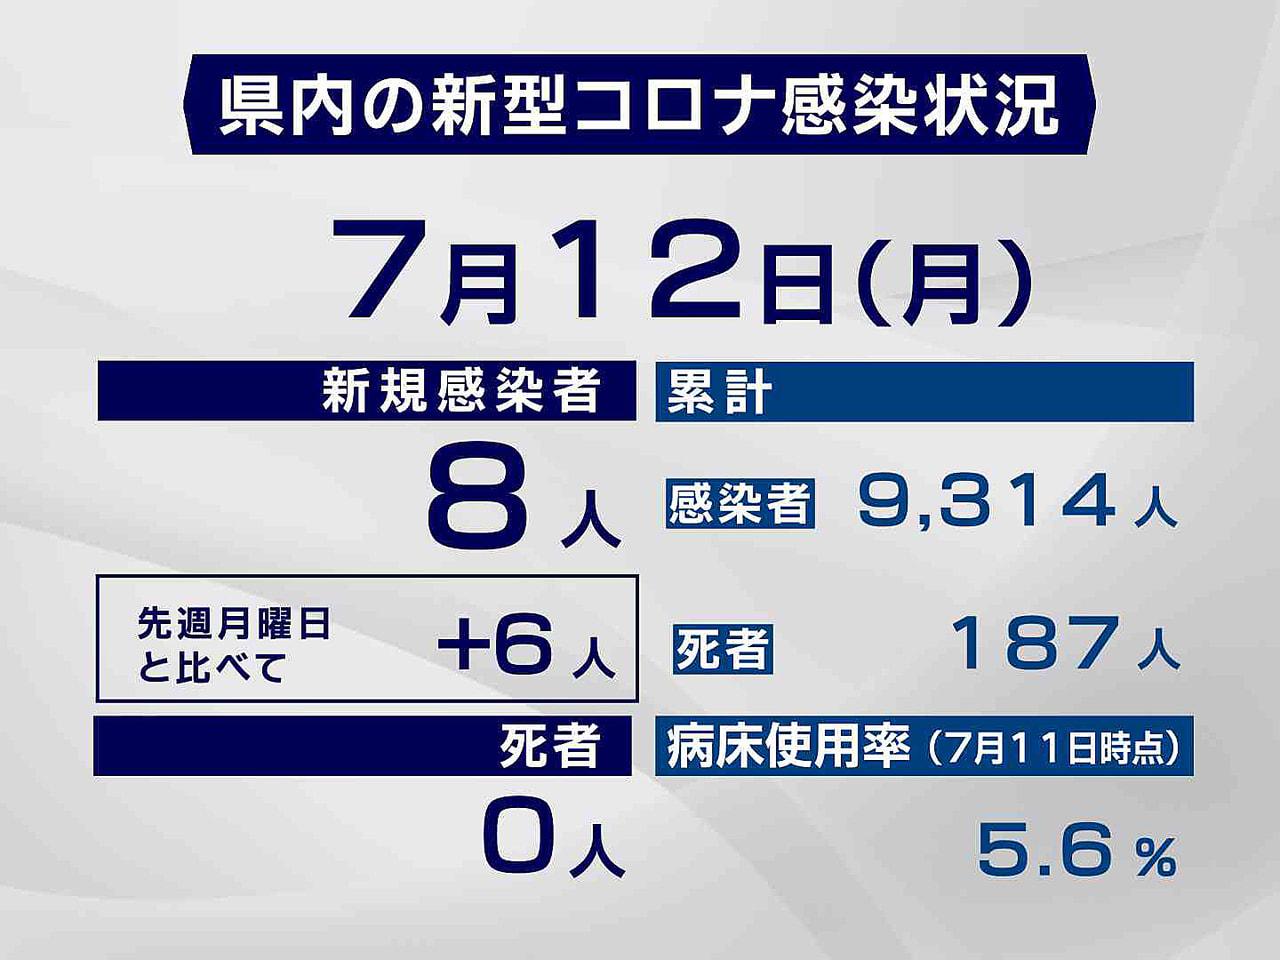 岐阜県と岐阜市は12日、新型コロナウイルスの感染者が新たに8人確認されたと発表し...